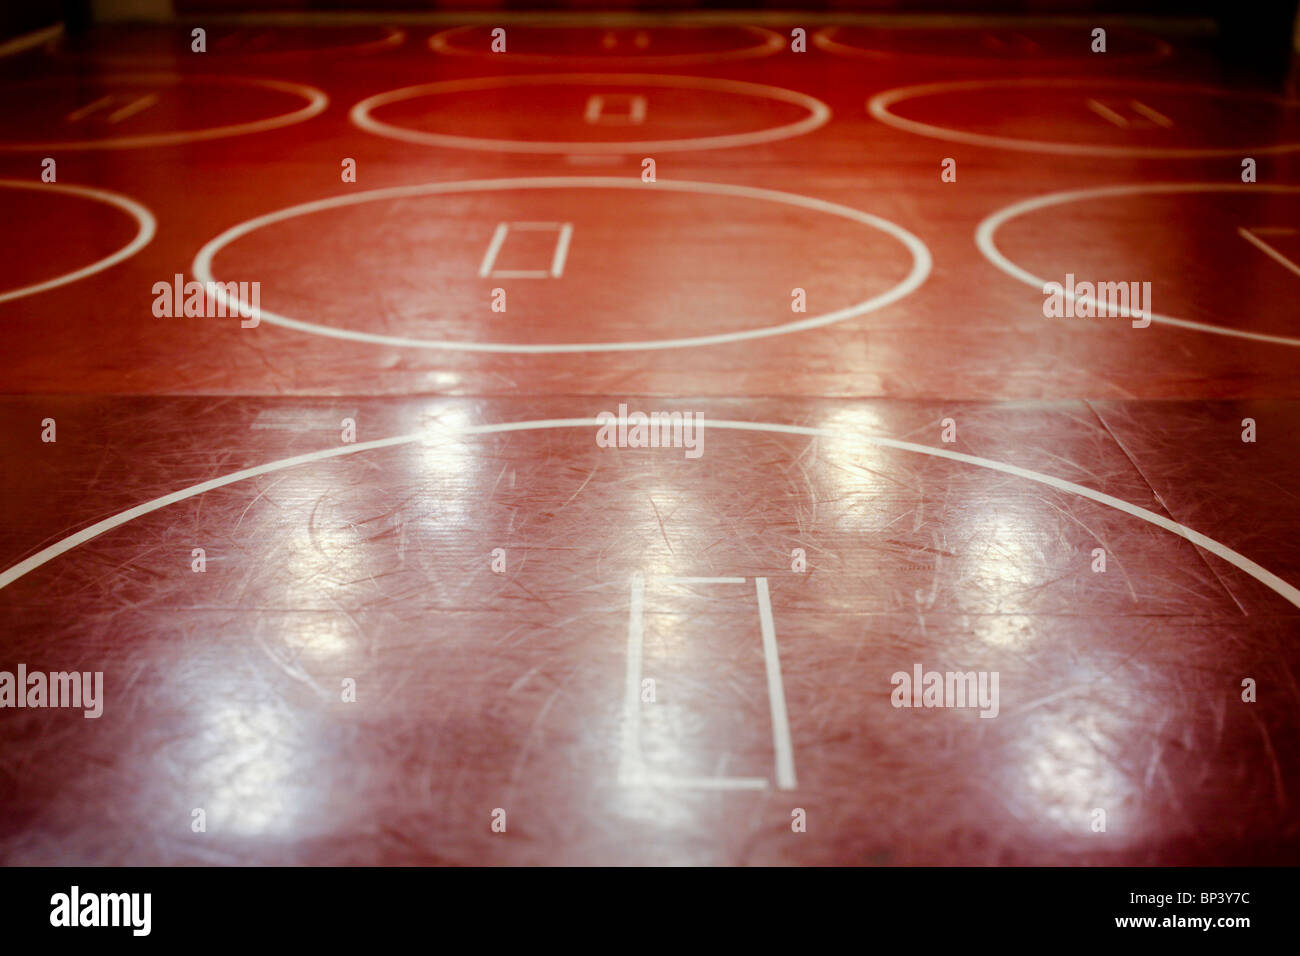 Rouge bien usé tapis de lutte de l'école dans une salle de sport. Photo Stock